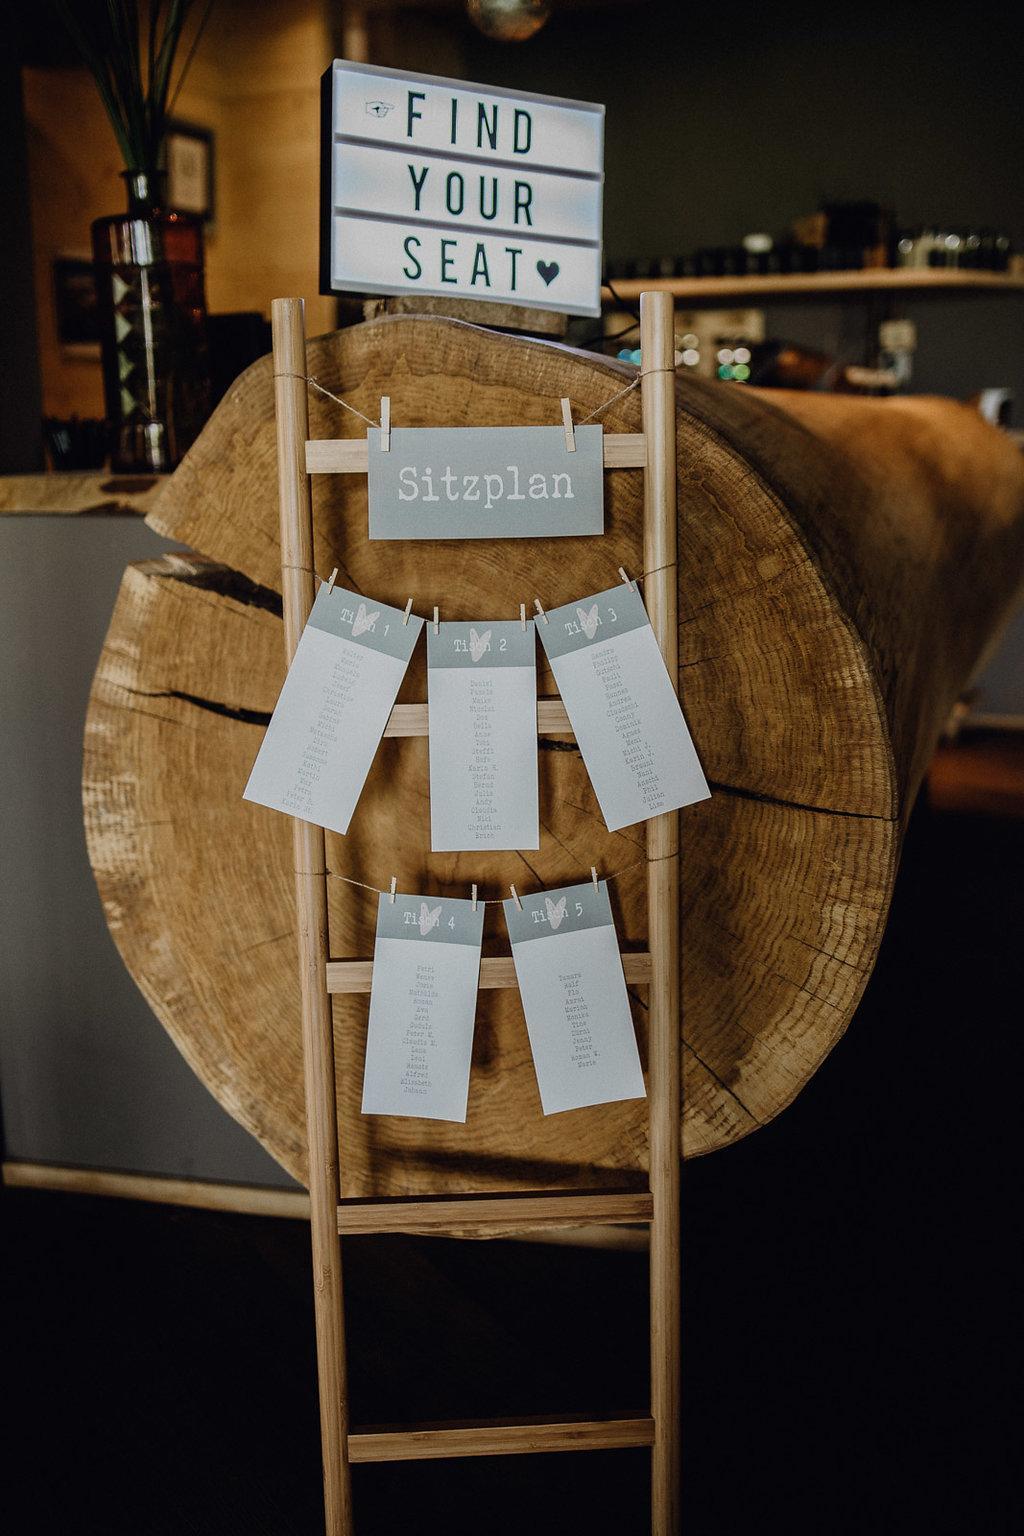 Sitzplan in grau an einer braunen Holzleiter